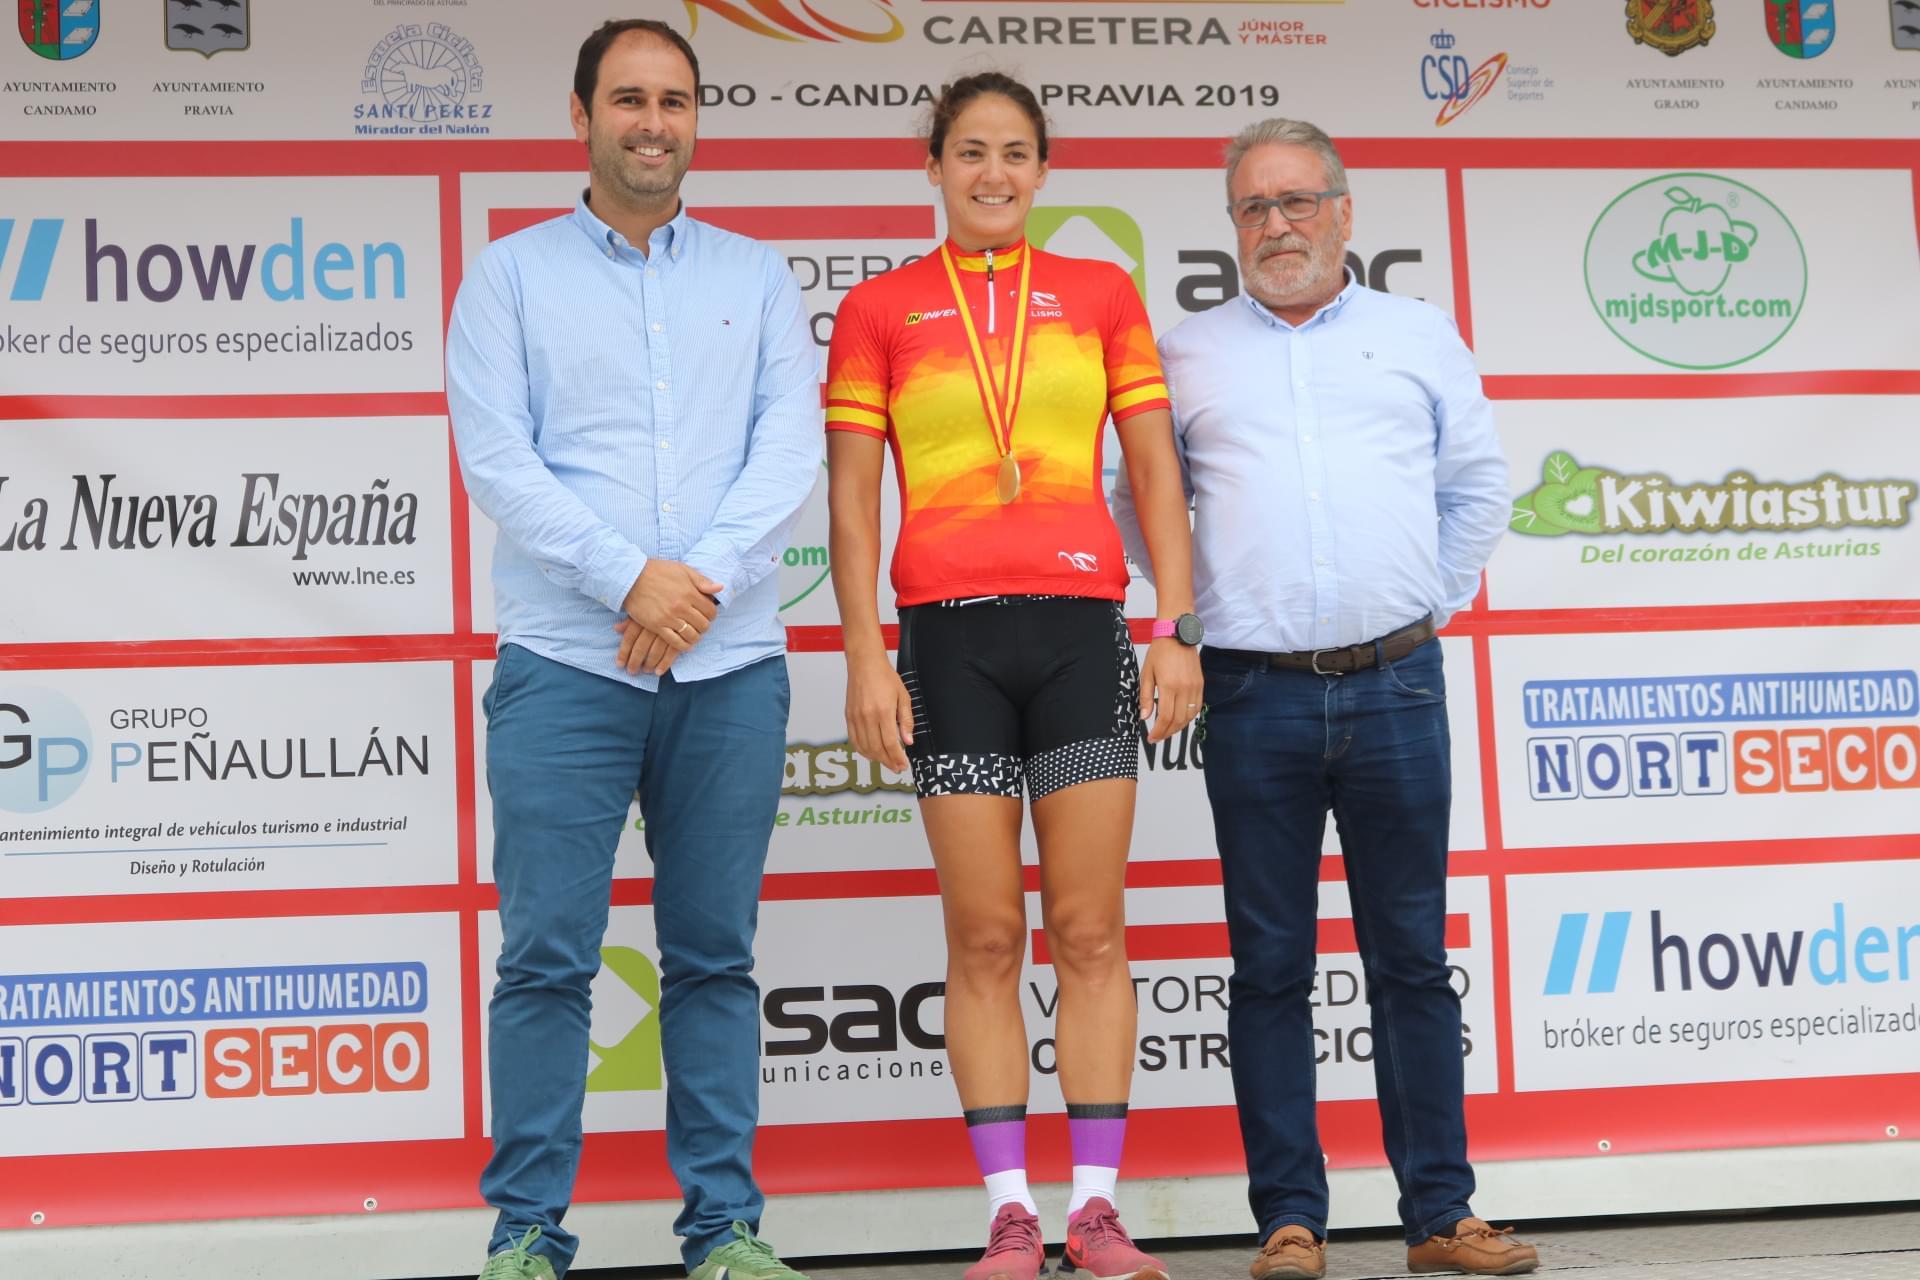 Juan Ayuso y Amaia Lartitegi, campeones de España junior 2019 en Pravia